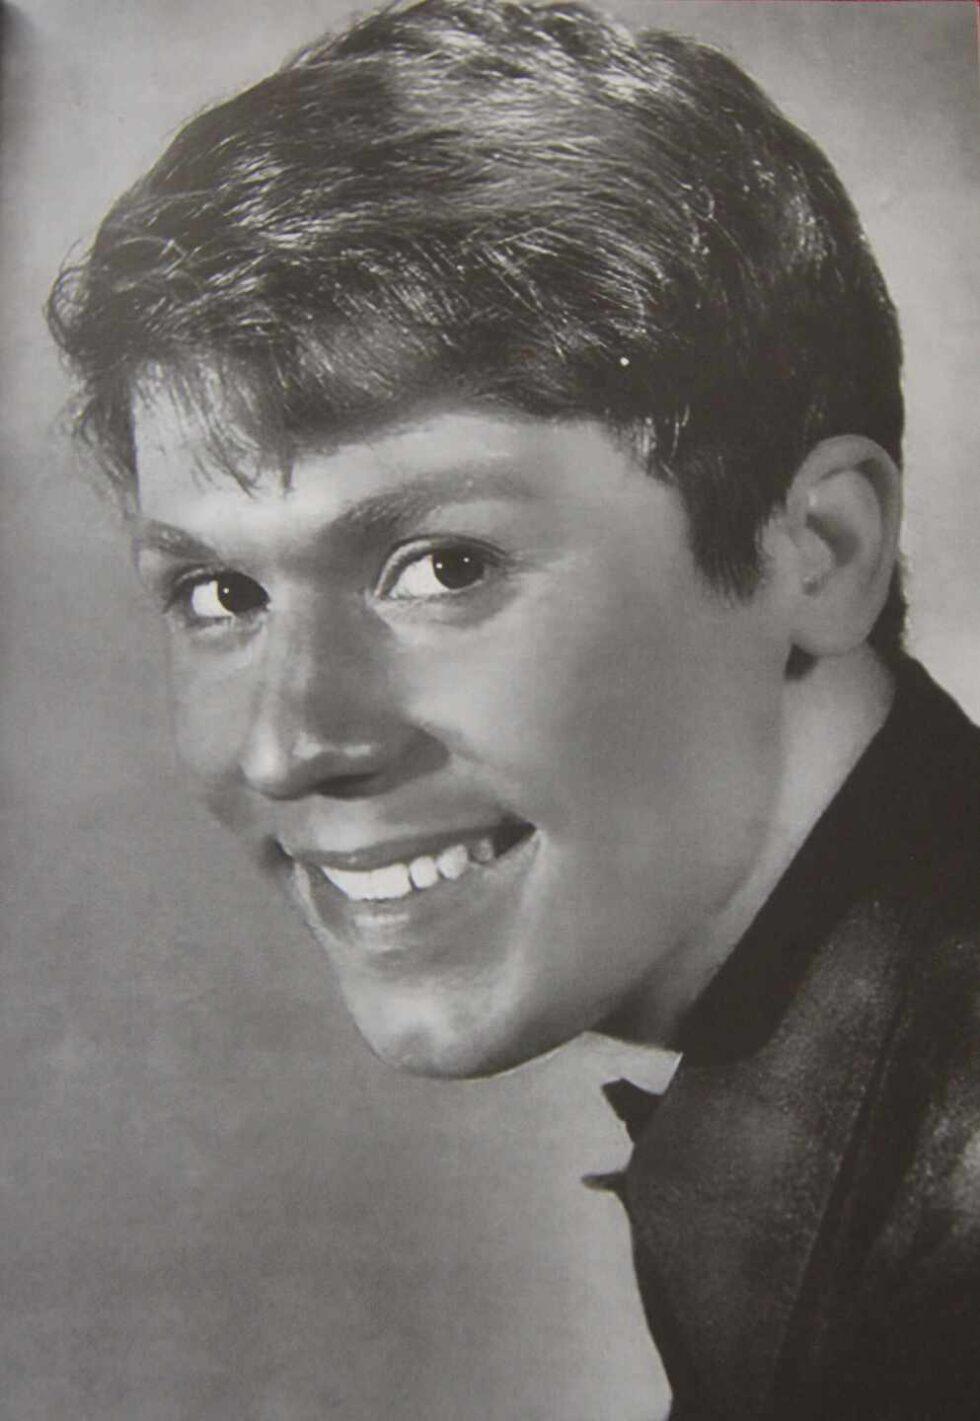 Raphael, en una imagen durante su adolescencia